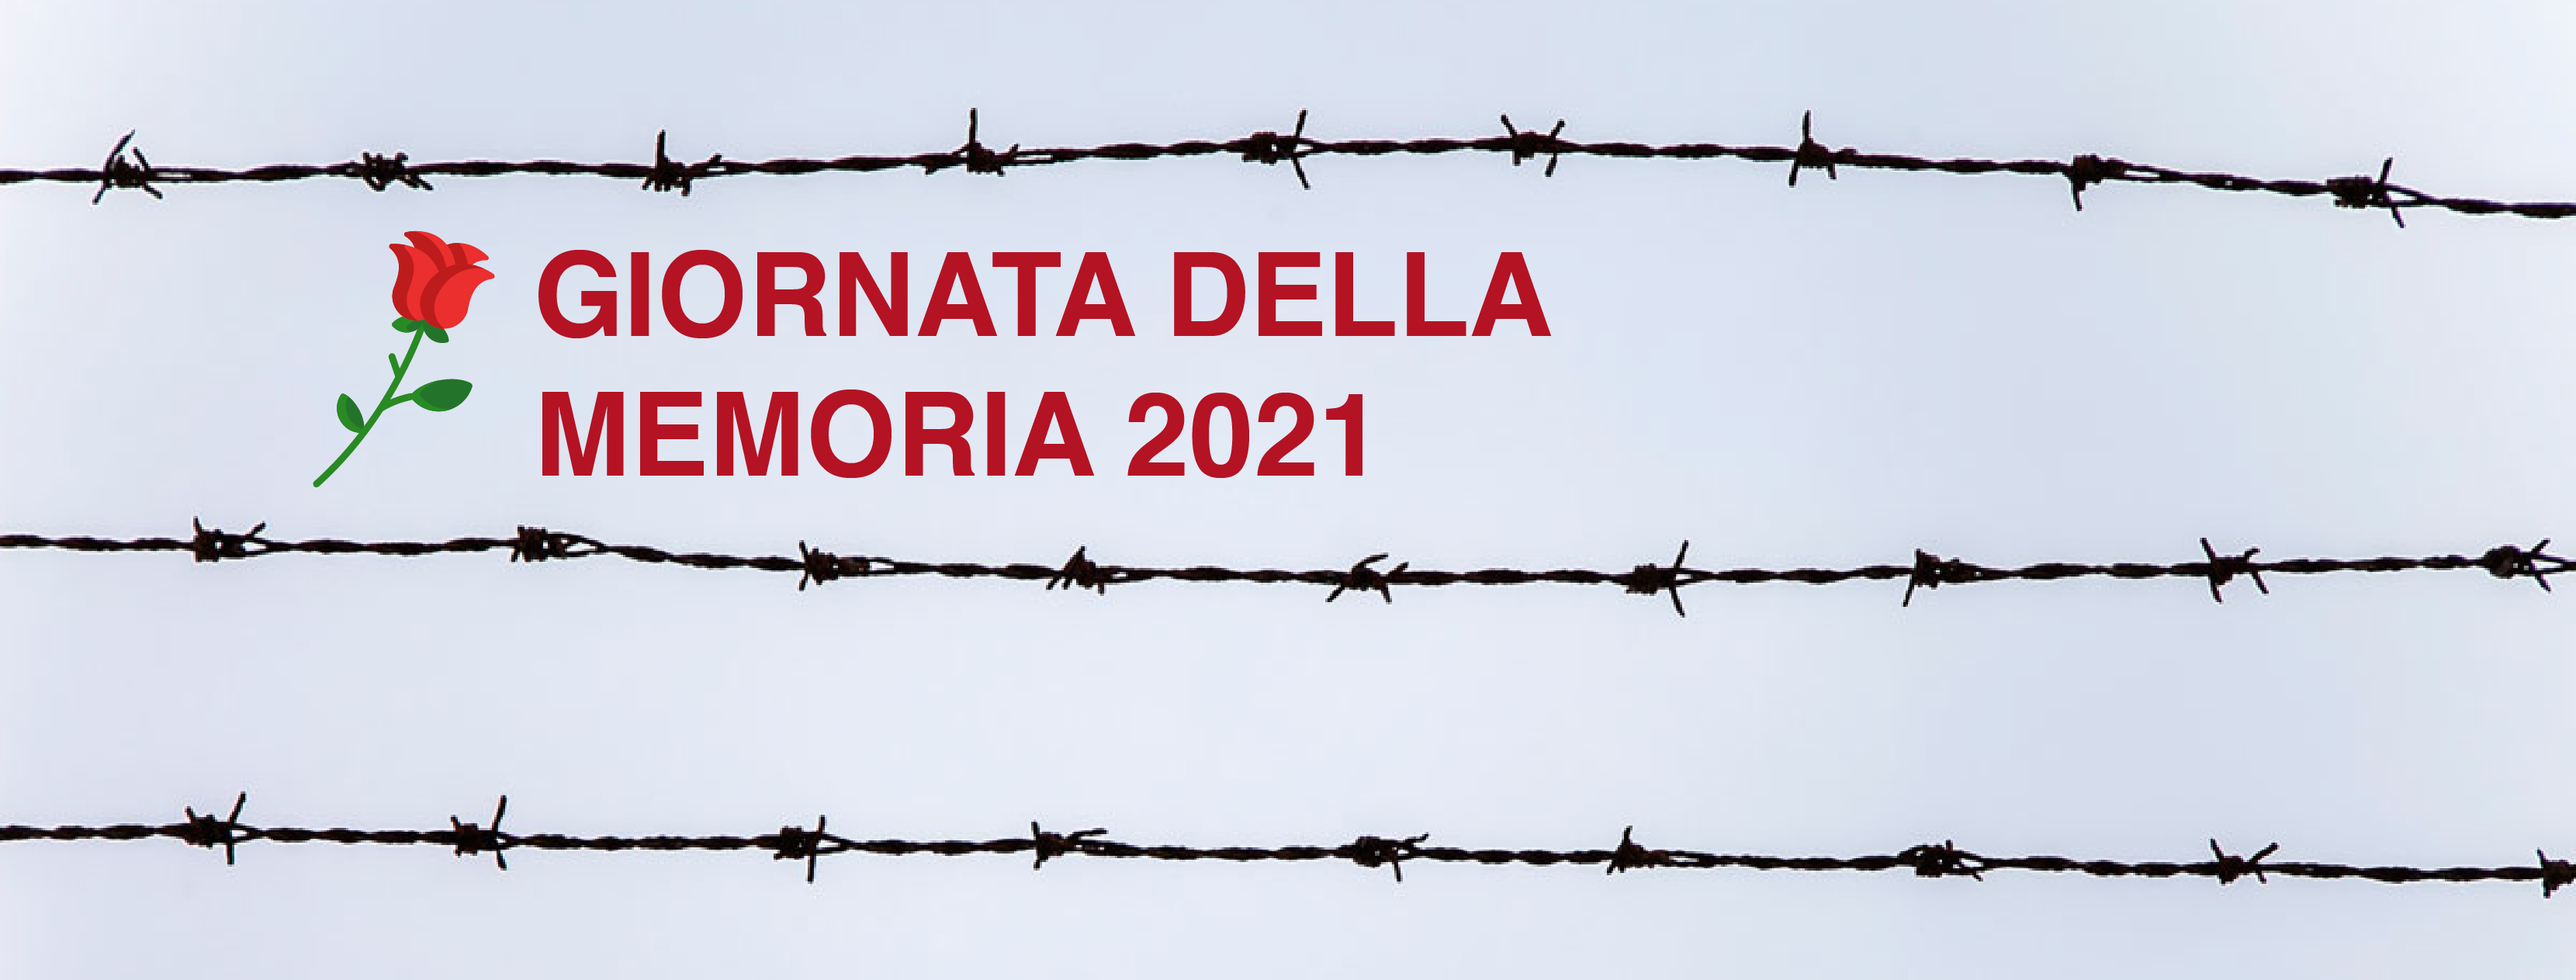 Giornata della memoria 2021 - Mondadori Education